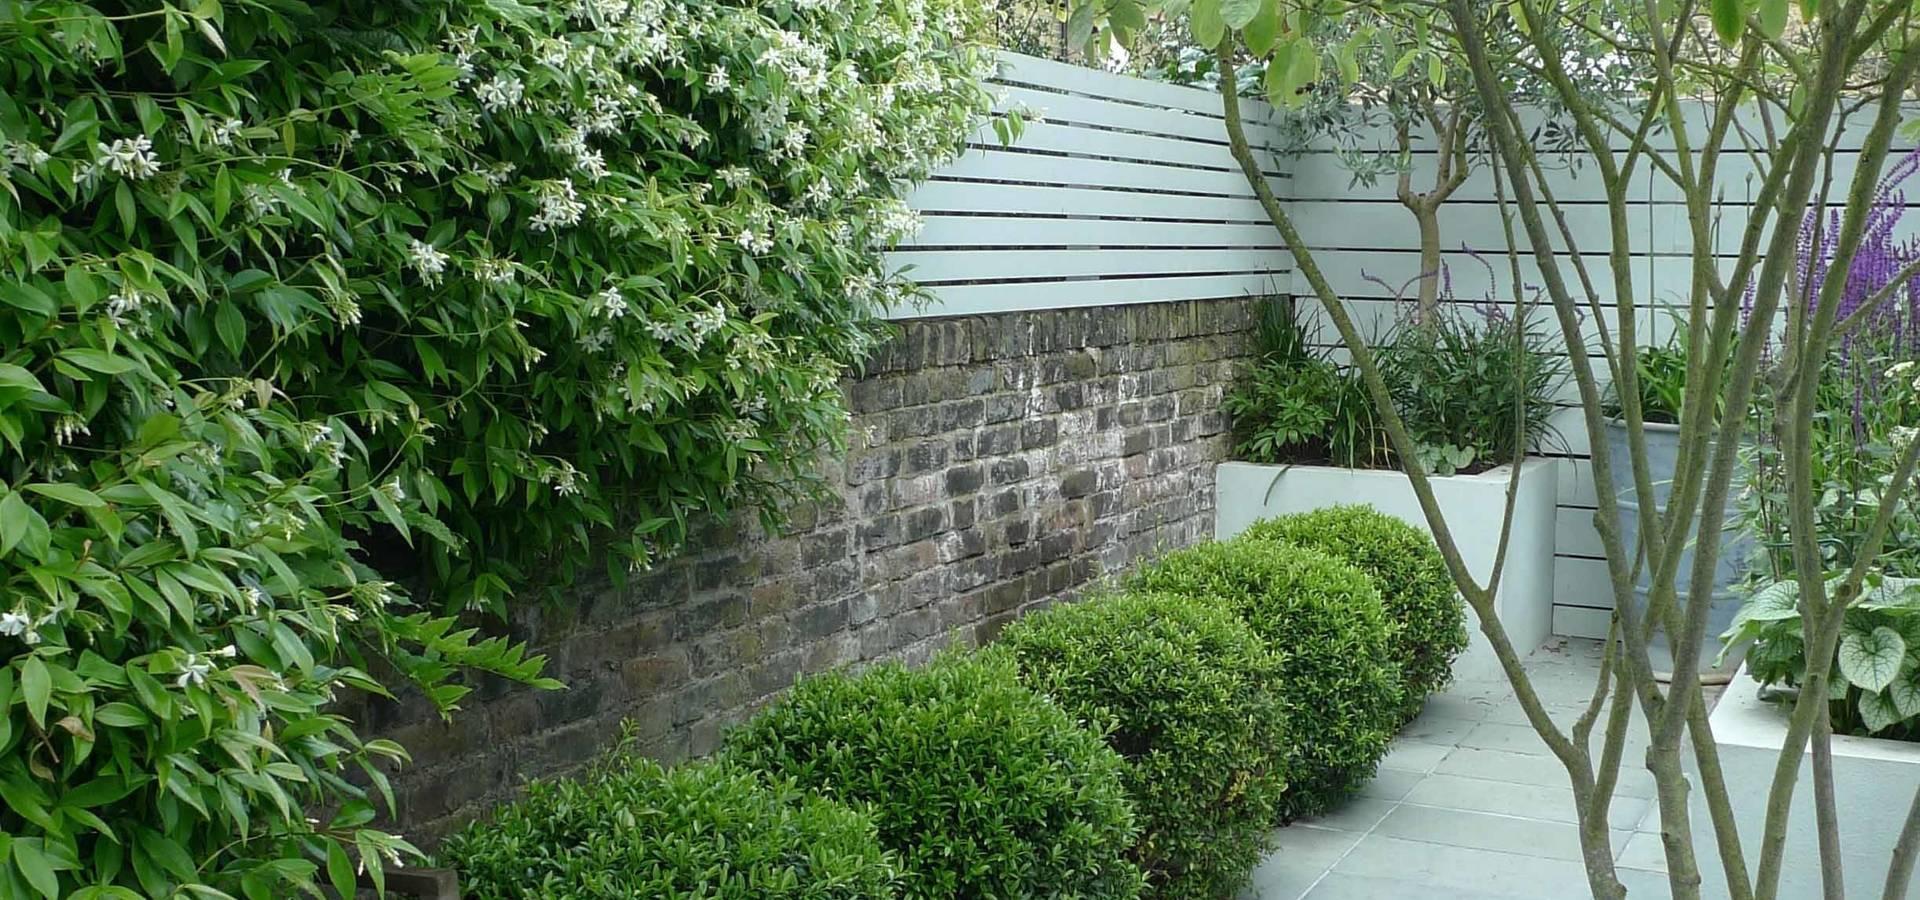 Ruth willmott art culos de jardiner a en london homify for Articulos de jardineria